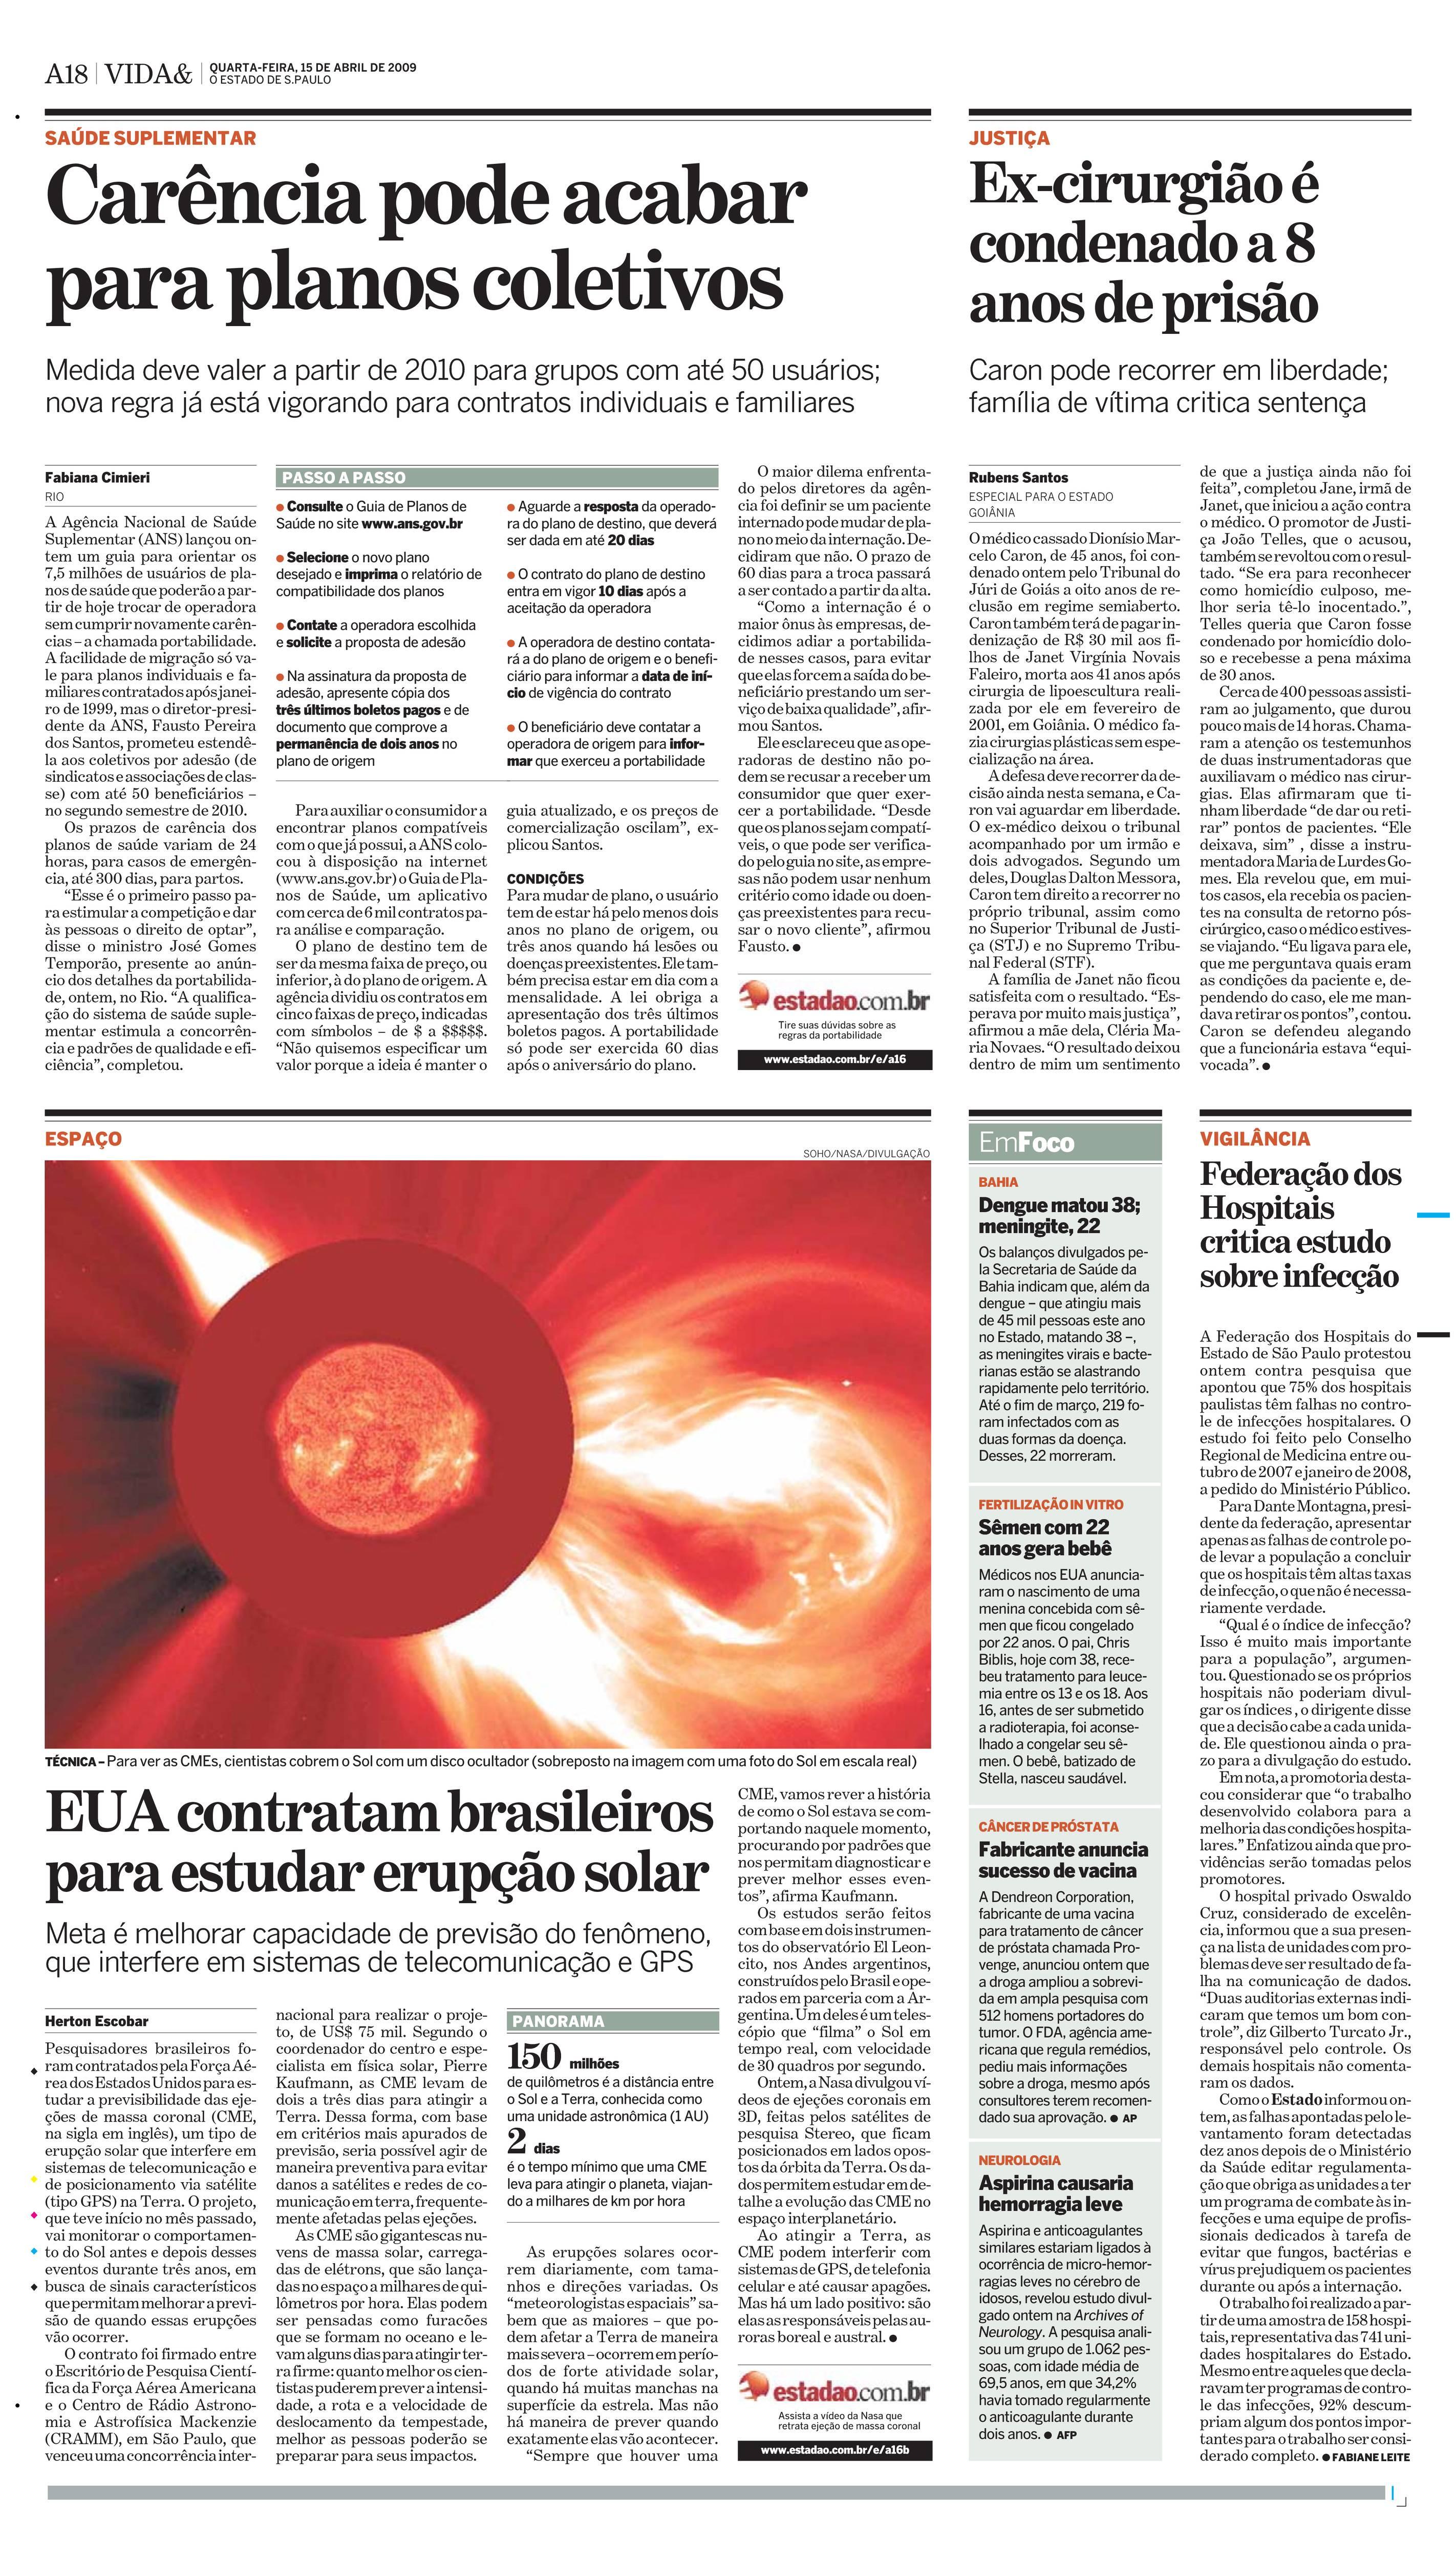 EUA contratam brasileiros para estudar erupção solar